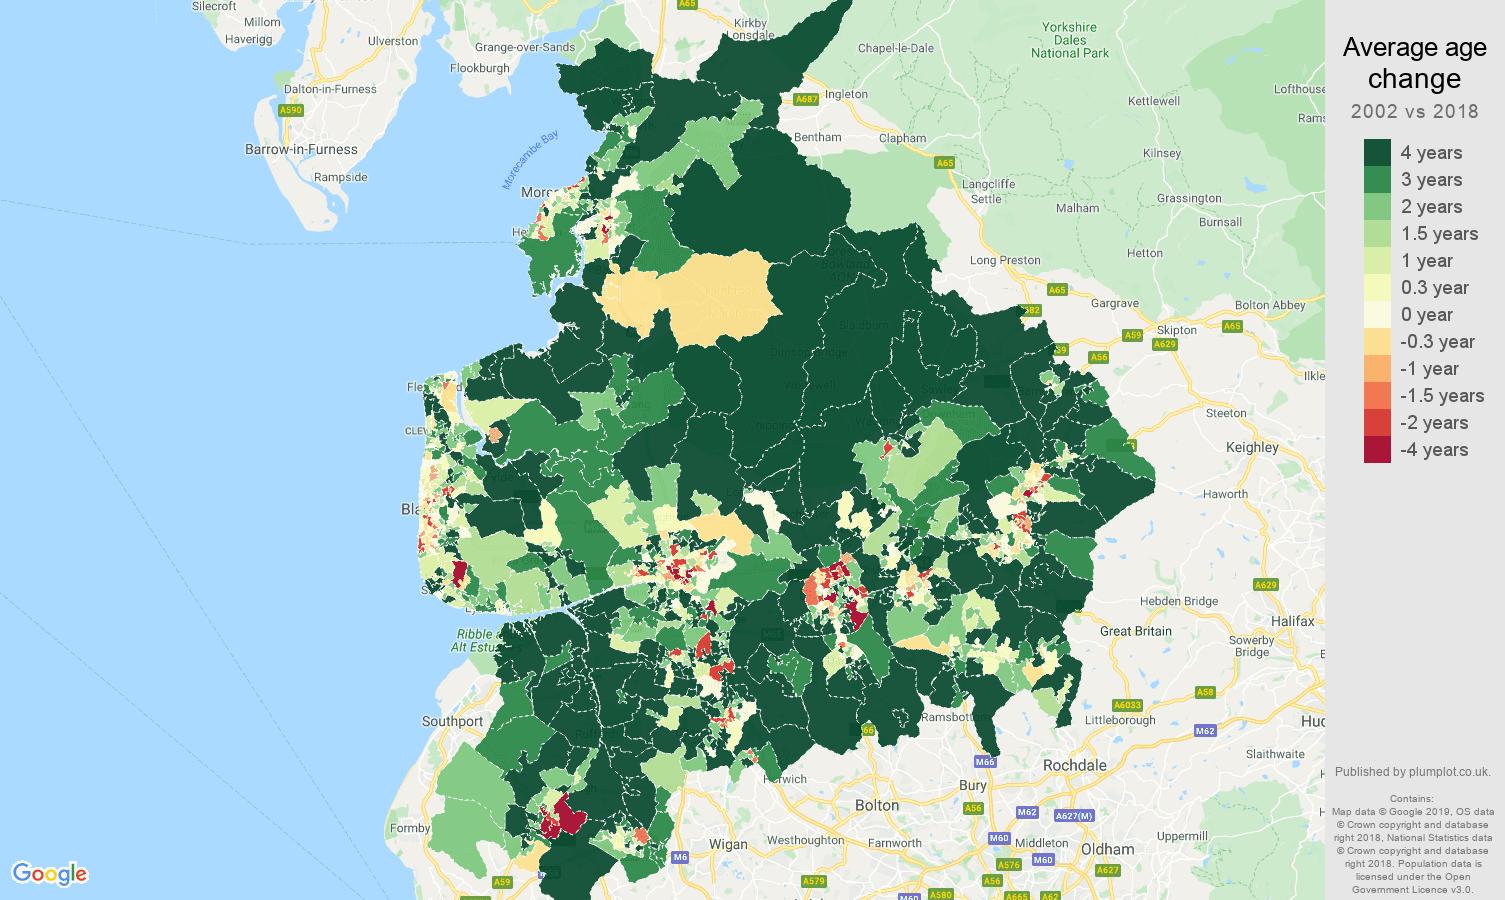 Lancashire average age change map